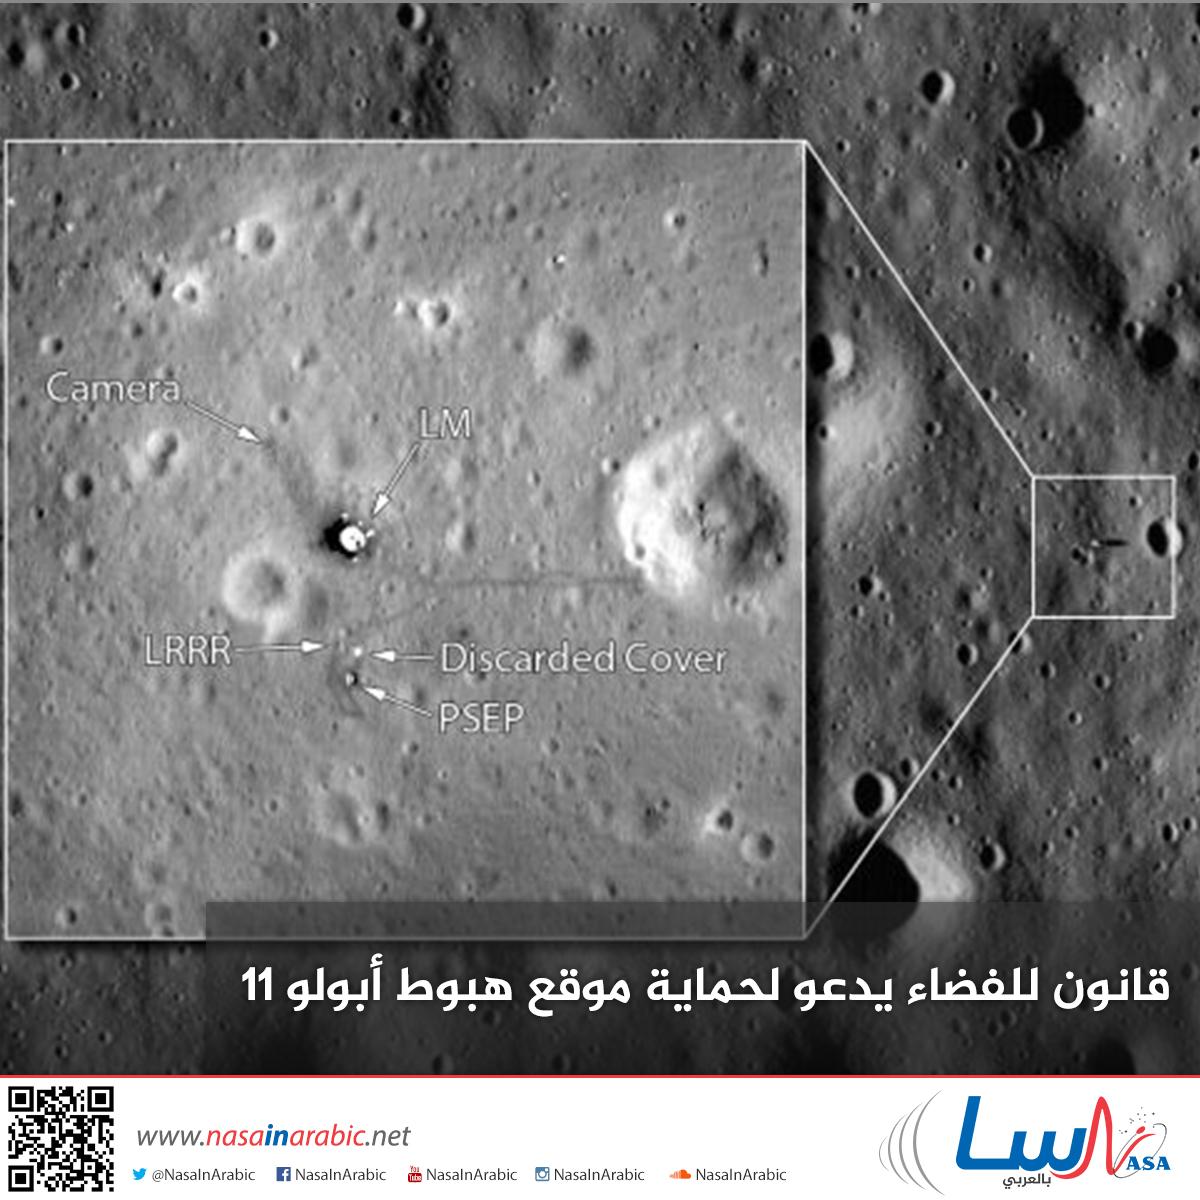 قانون للفضاء يدعو لحماية موقع هبوط أبولو 11